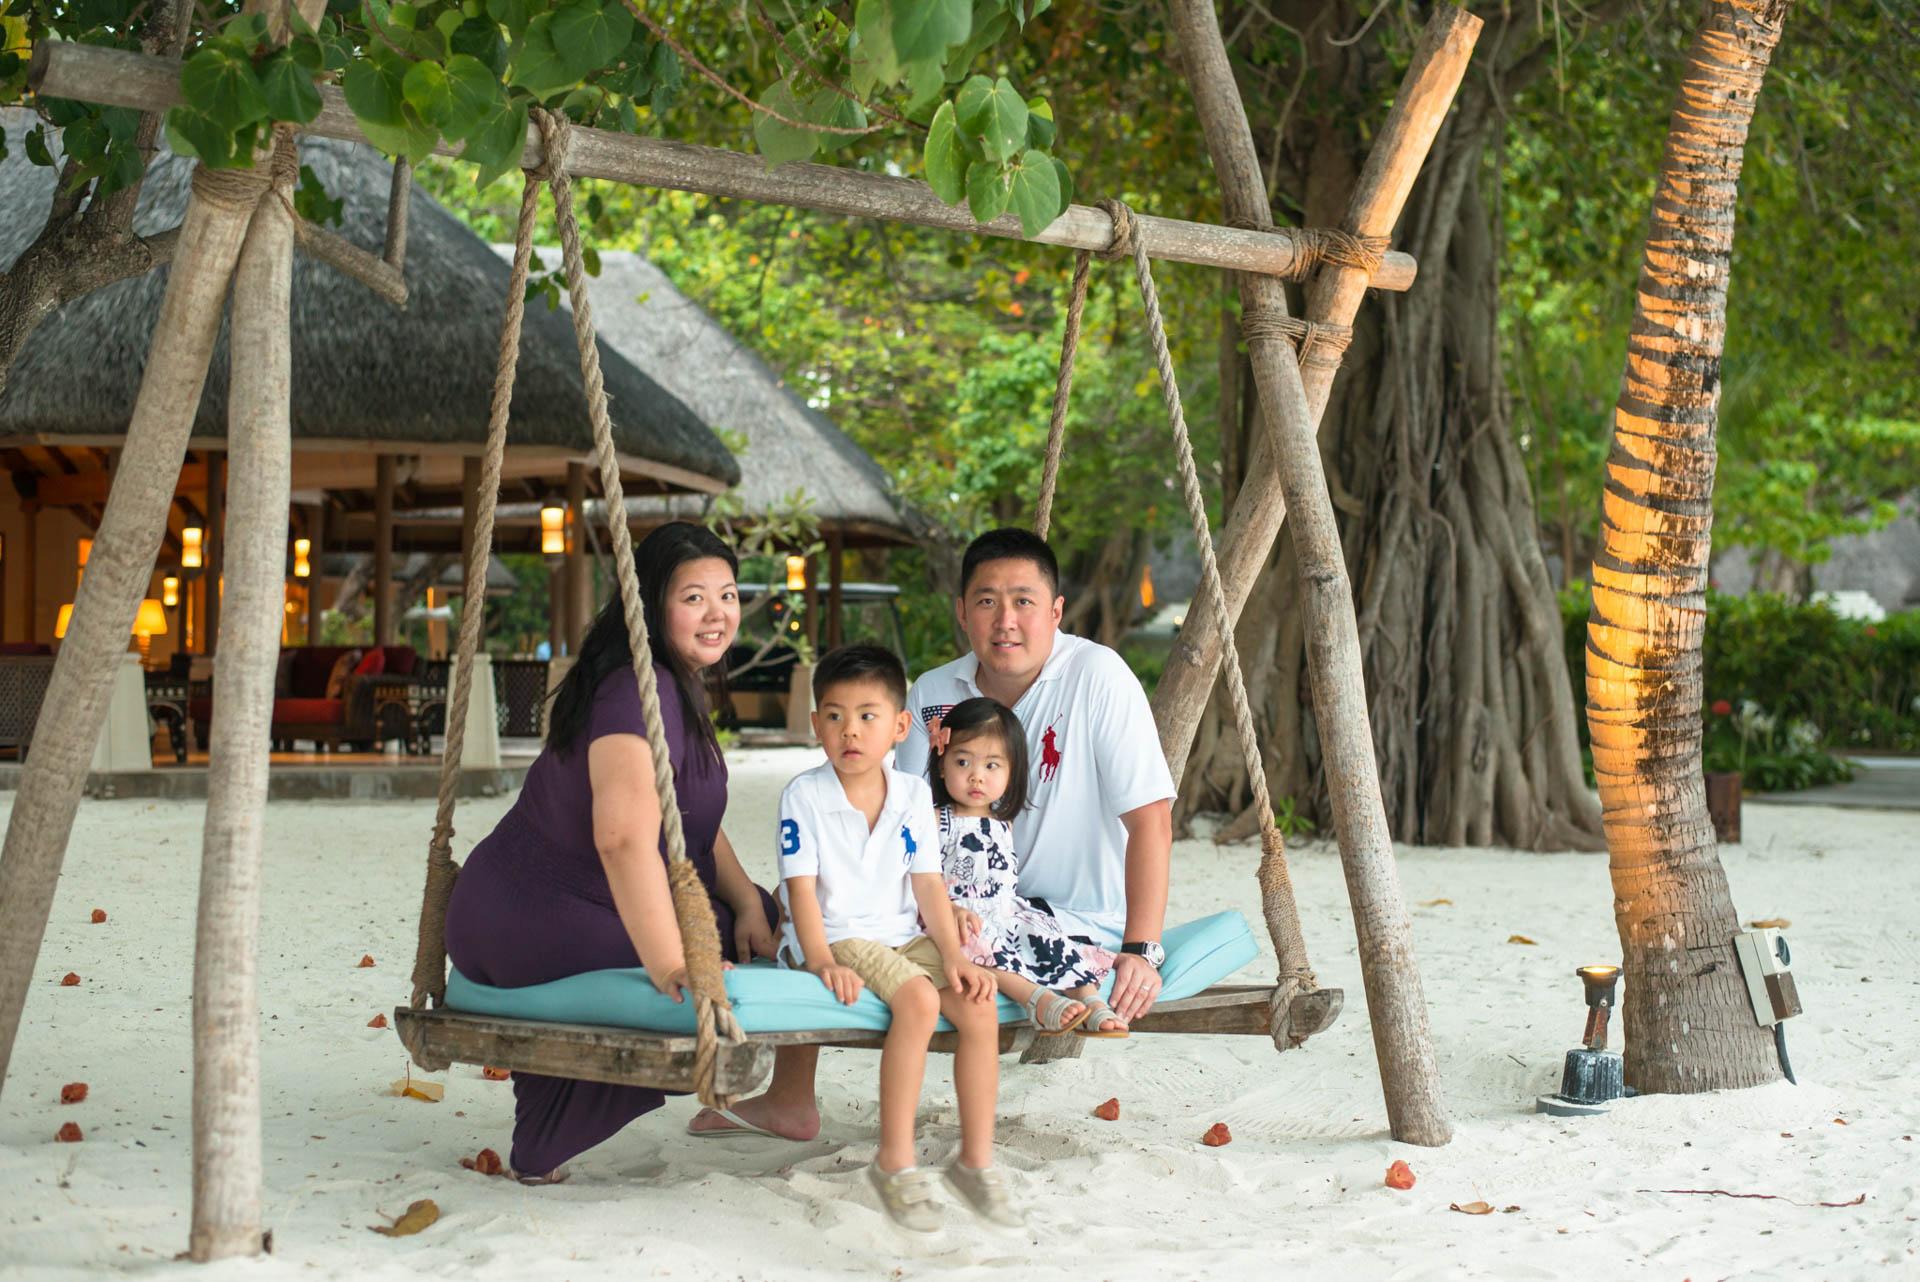 Rosa Family at Four seaons Maldives 59